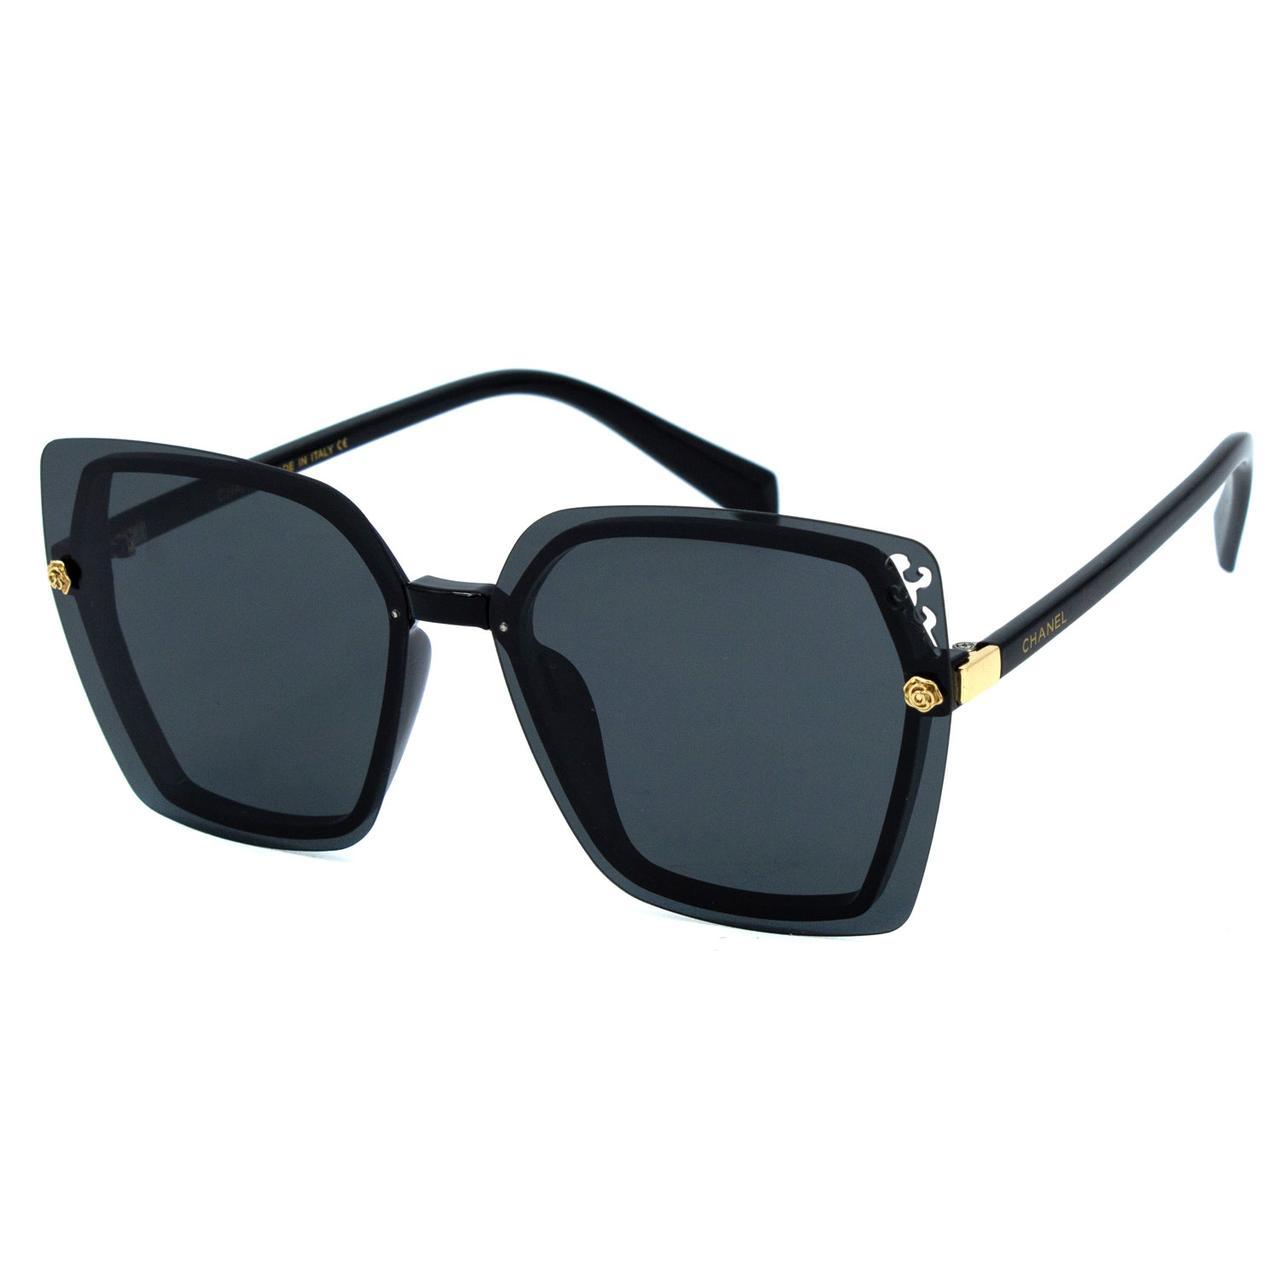 Солнцезащитные очки Ch R9956 C1 черные     ( R9956-01 )